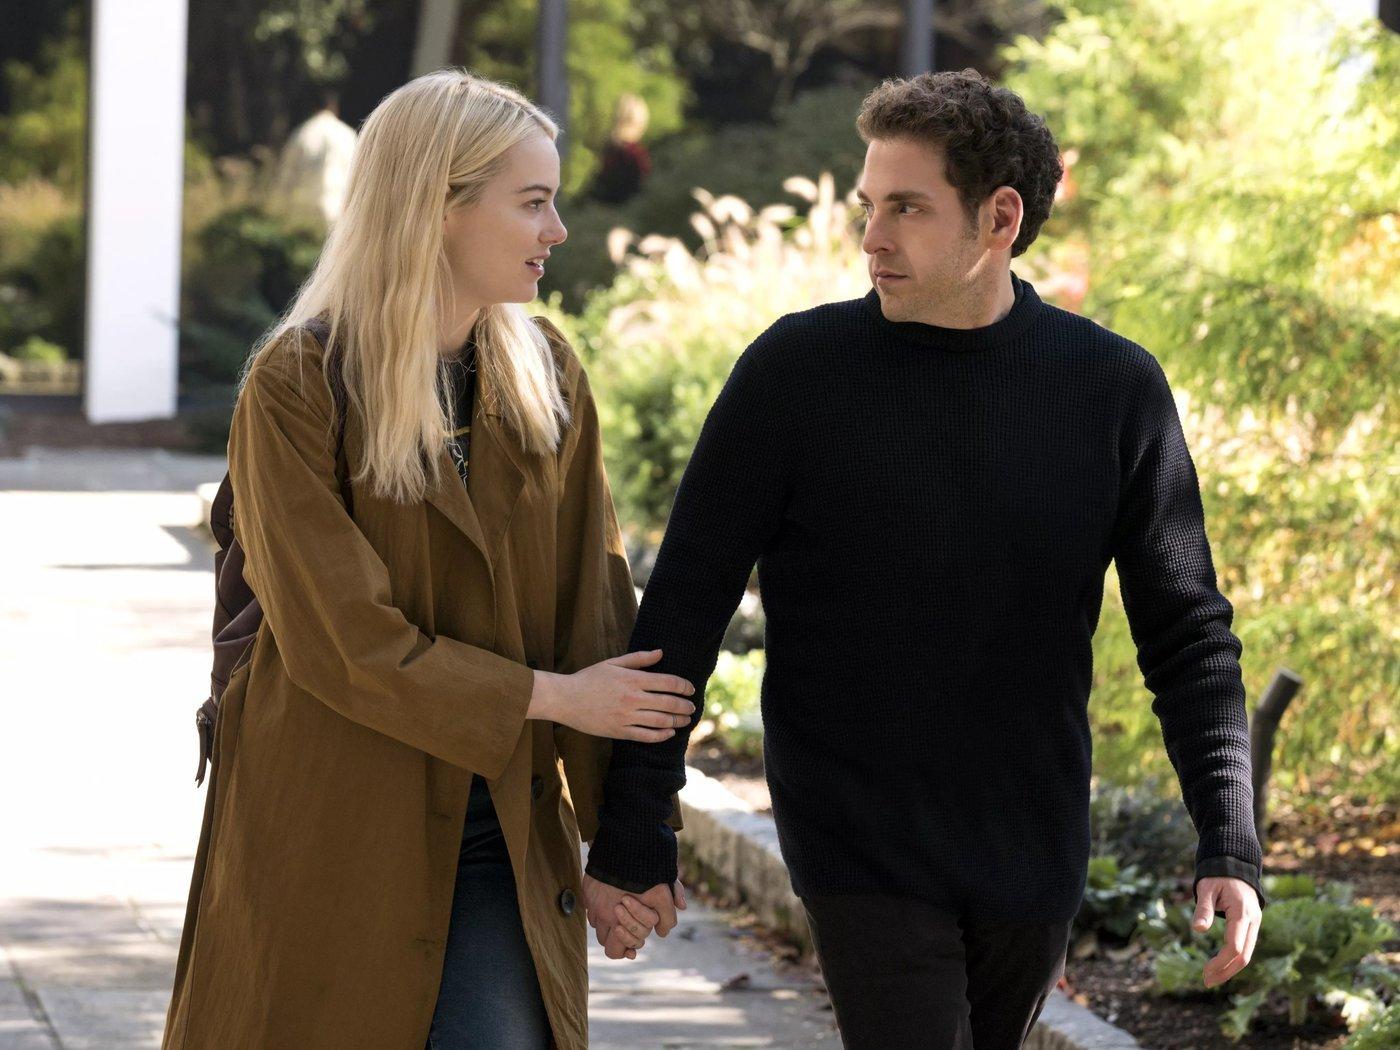 Jonh Hill y Emma Stone caminando por la calle